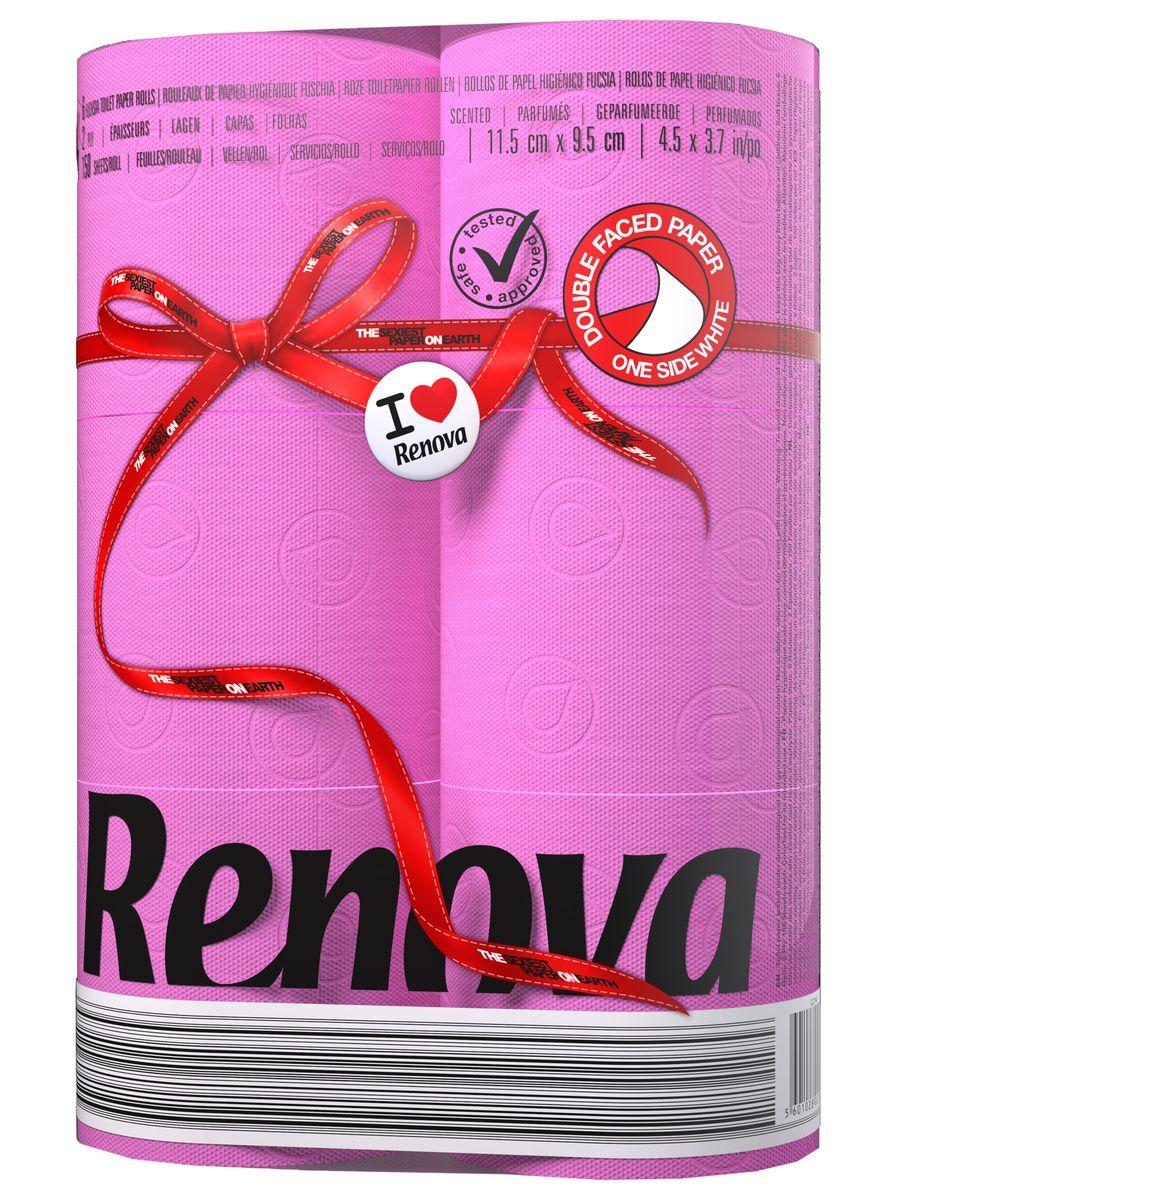 Туалетная бумага Renova двухслойная ароматизированная цвет  фуксия 6 рулонов